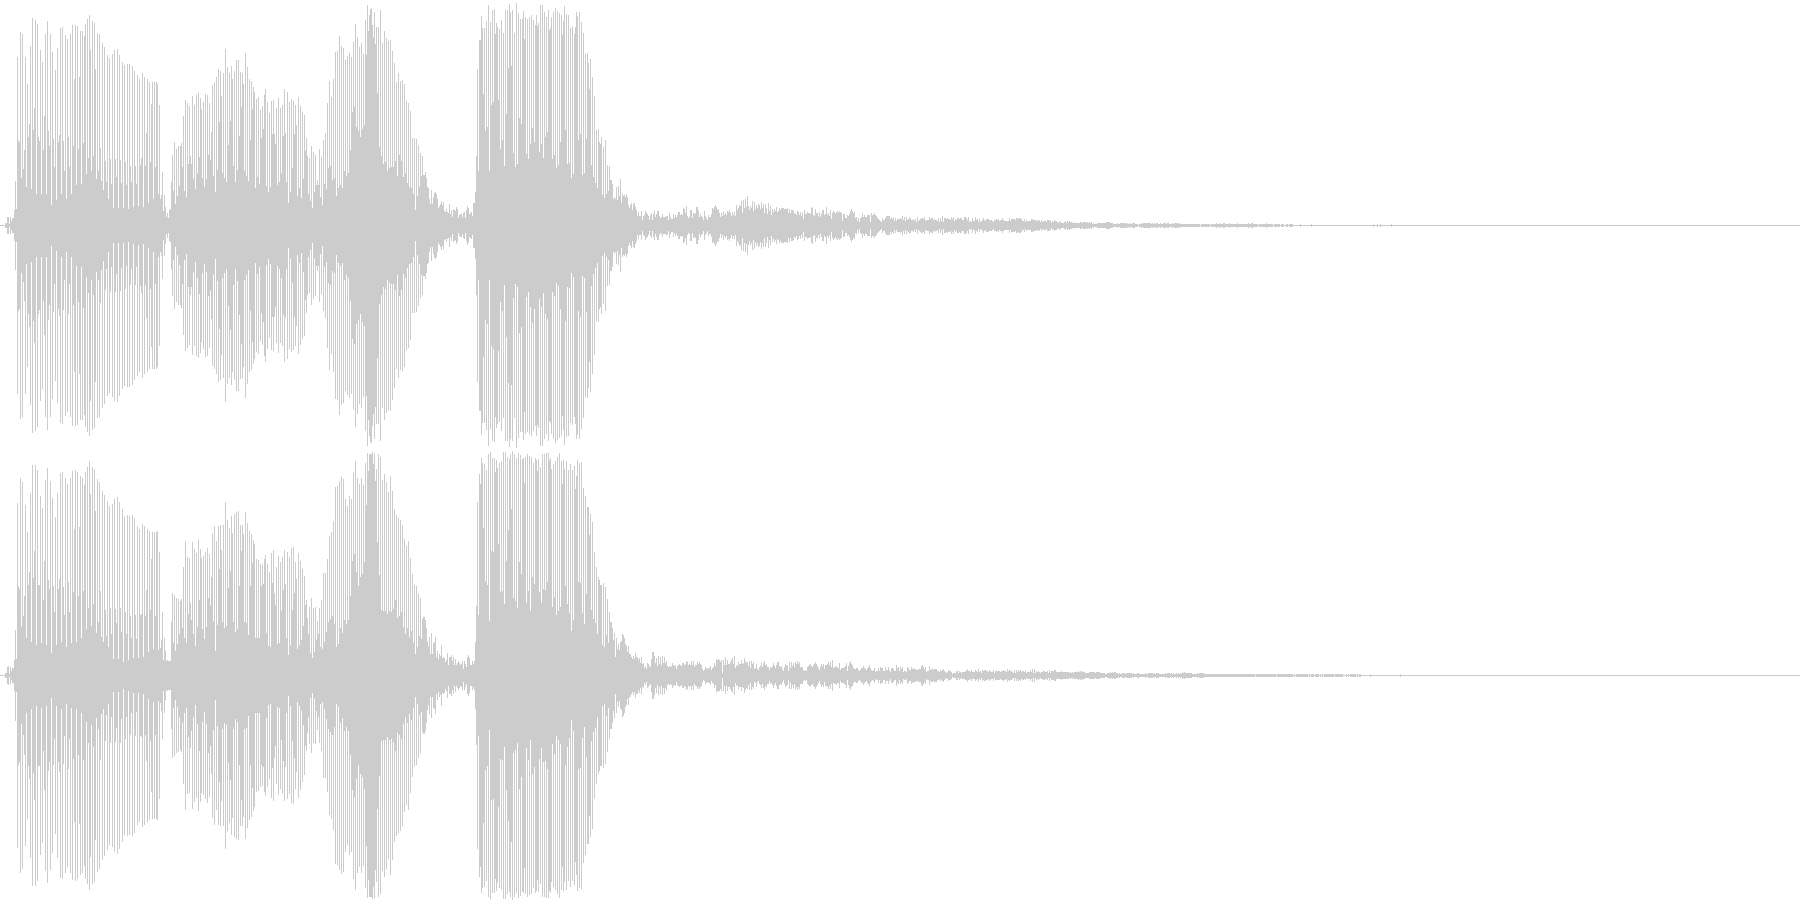 トランペット/パラララン・場面転換などにの未再生の波形